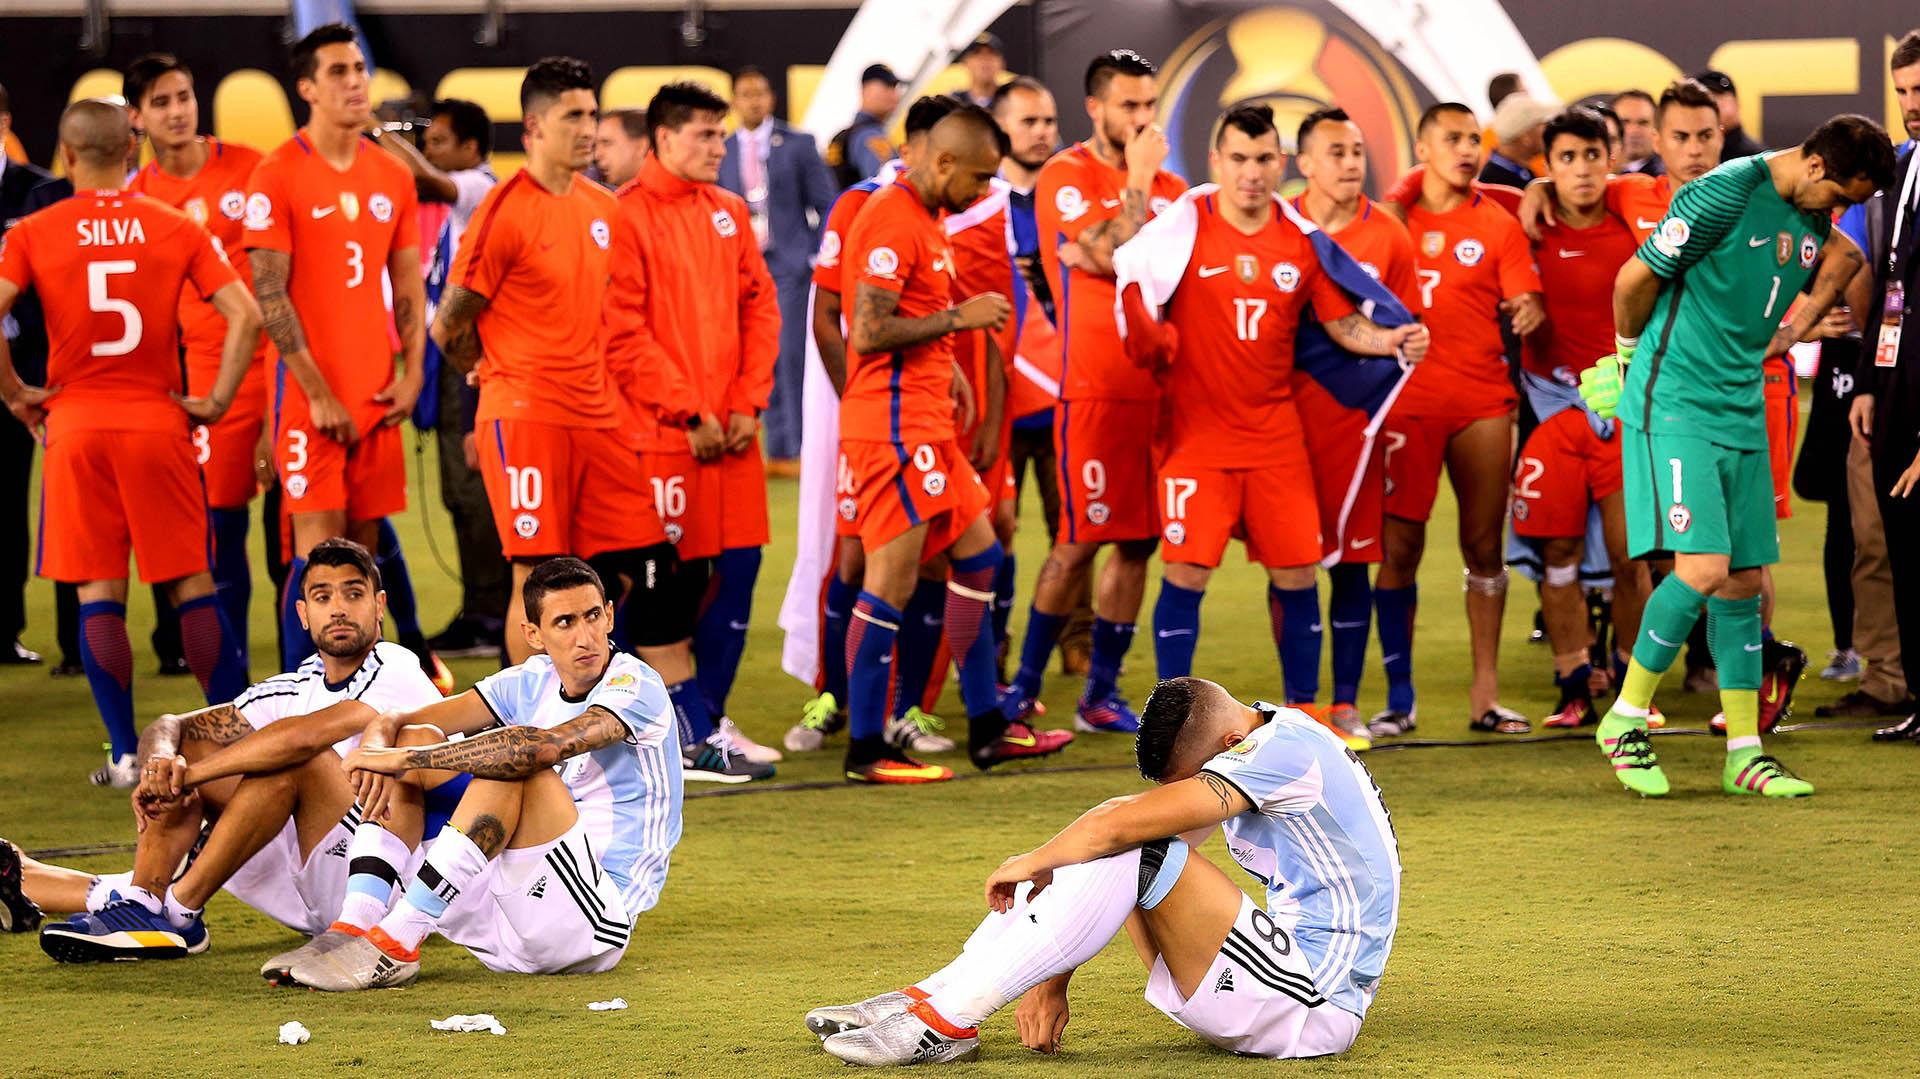 El seleccionado argentino, al igual que hace un año en Santiago, perdió por penales ante Chile 4-2 (Télam)